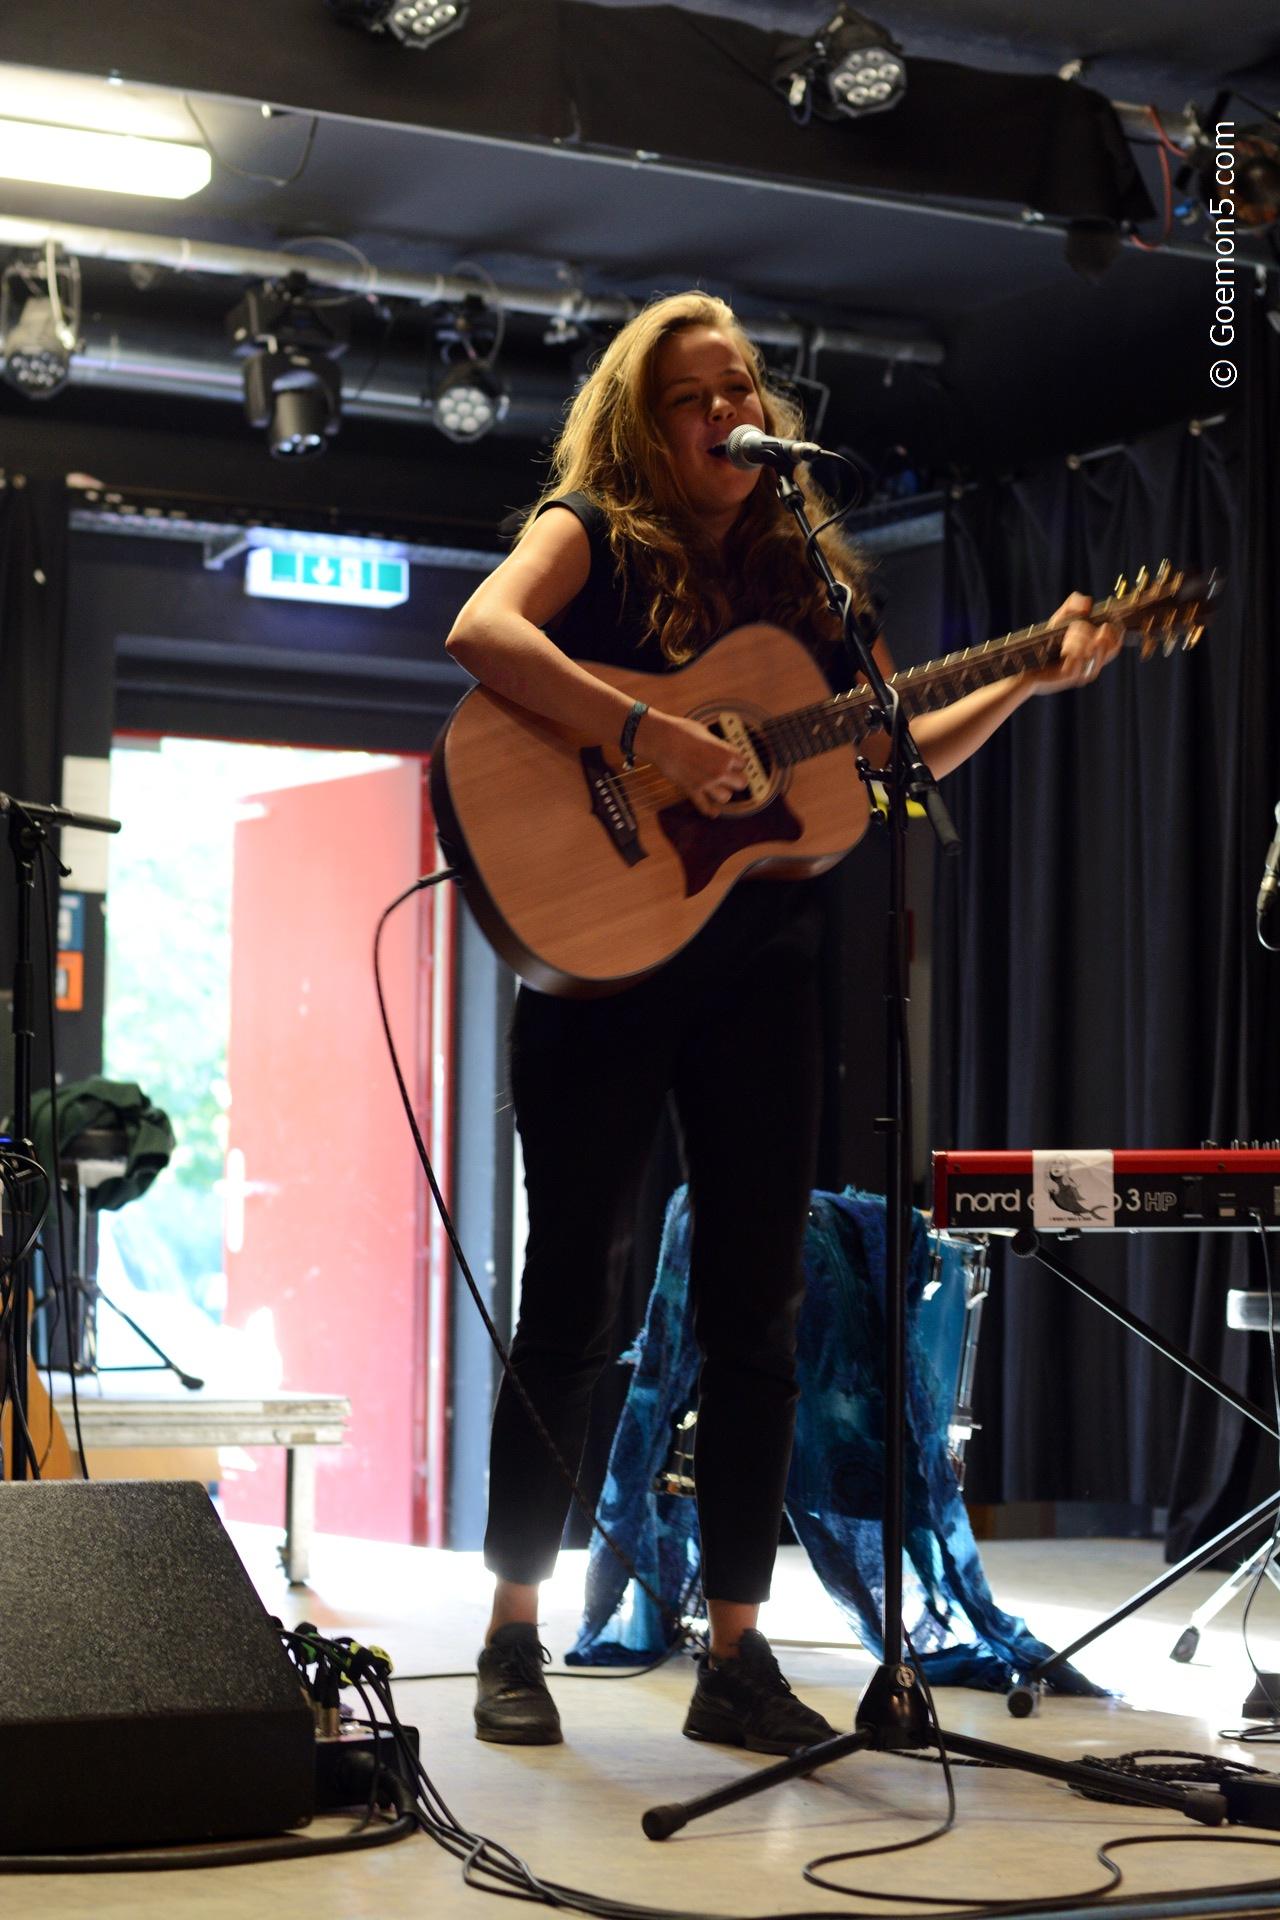 Marie Feiler at Parkclub 01